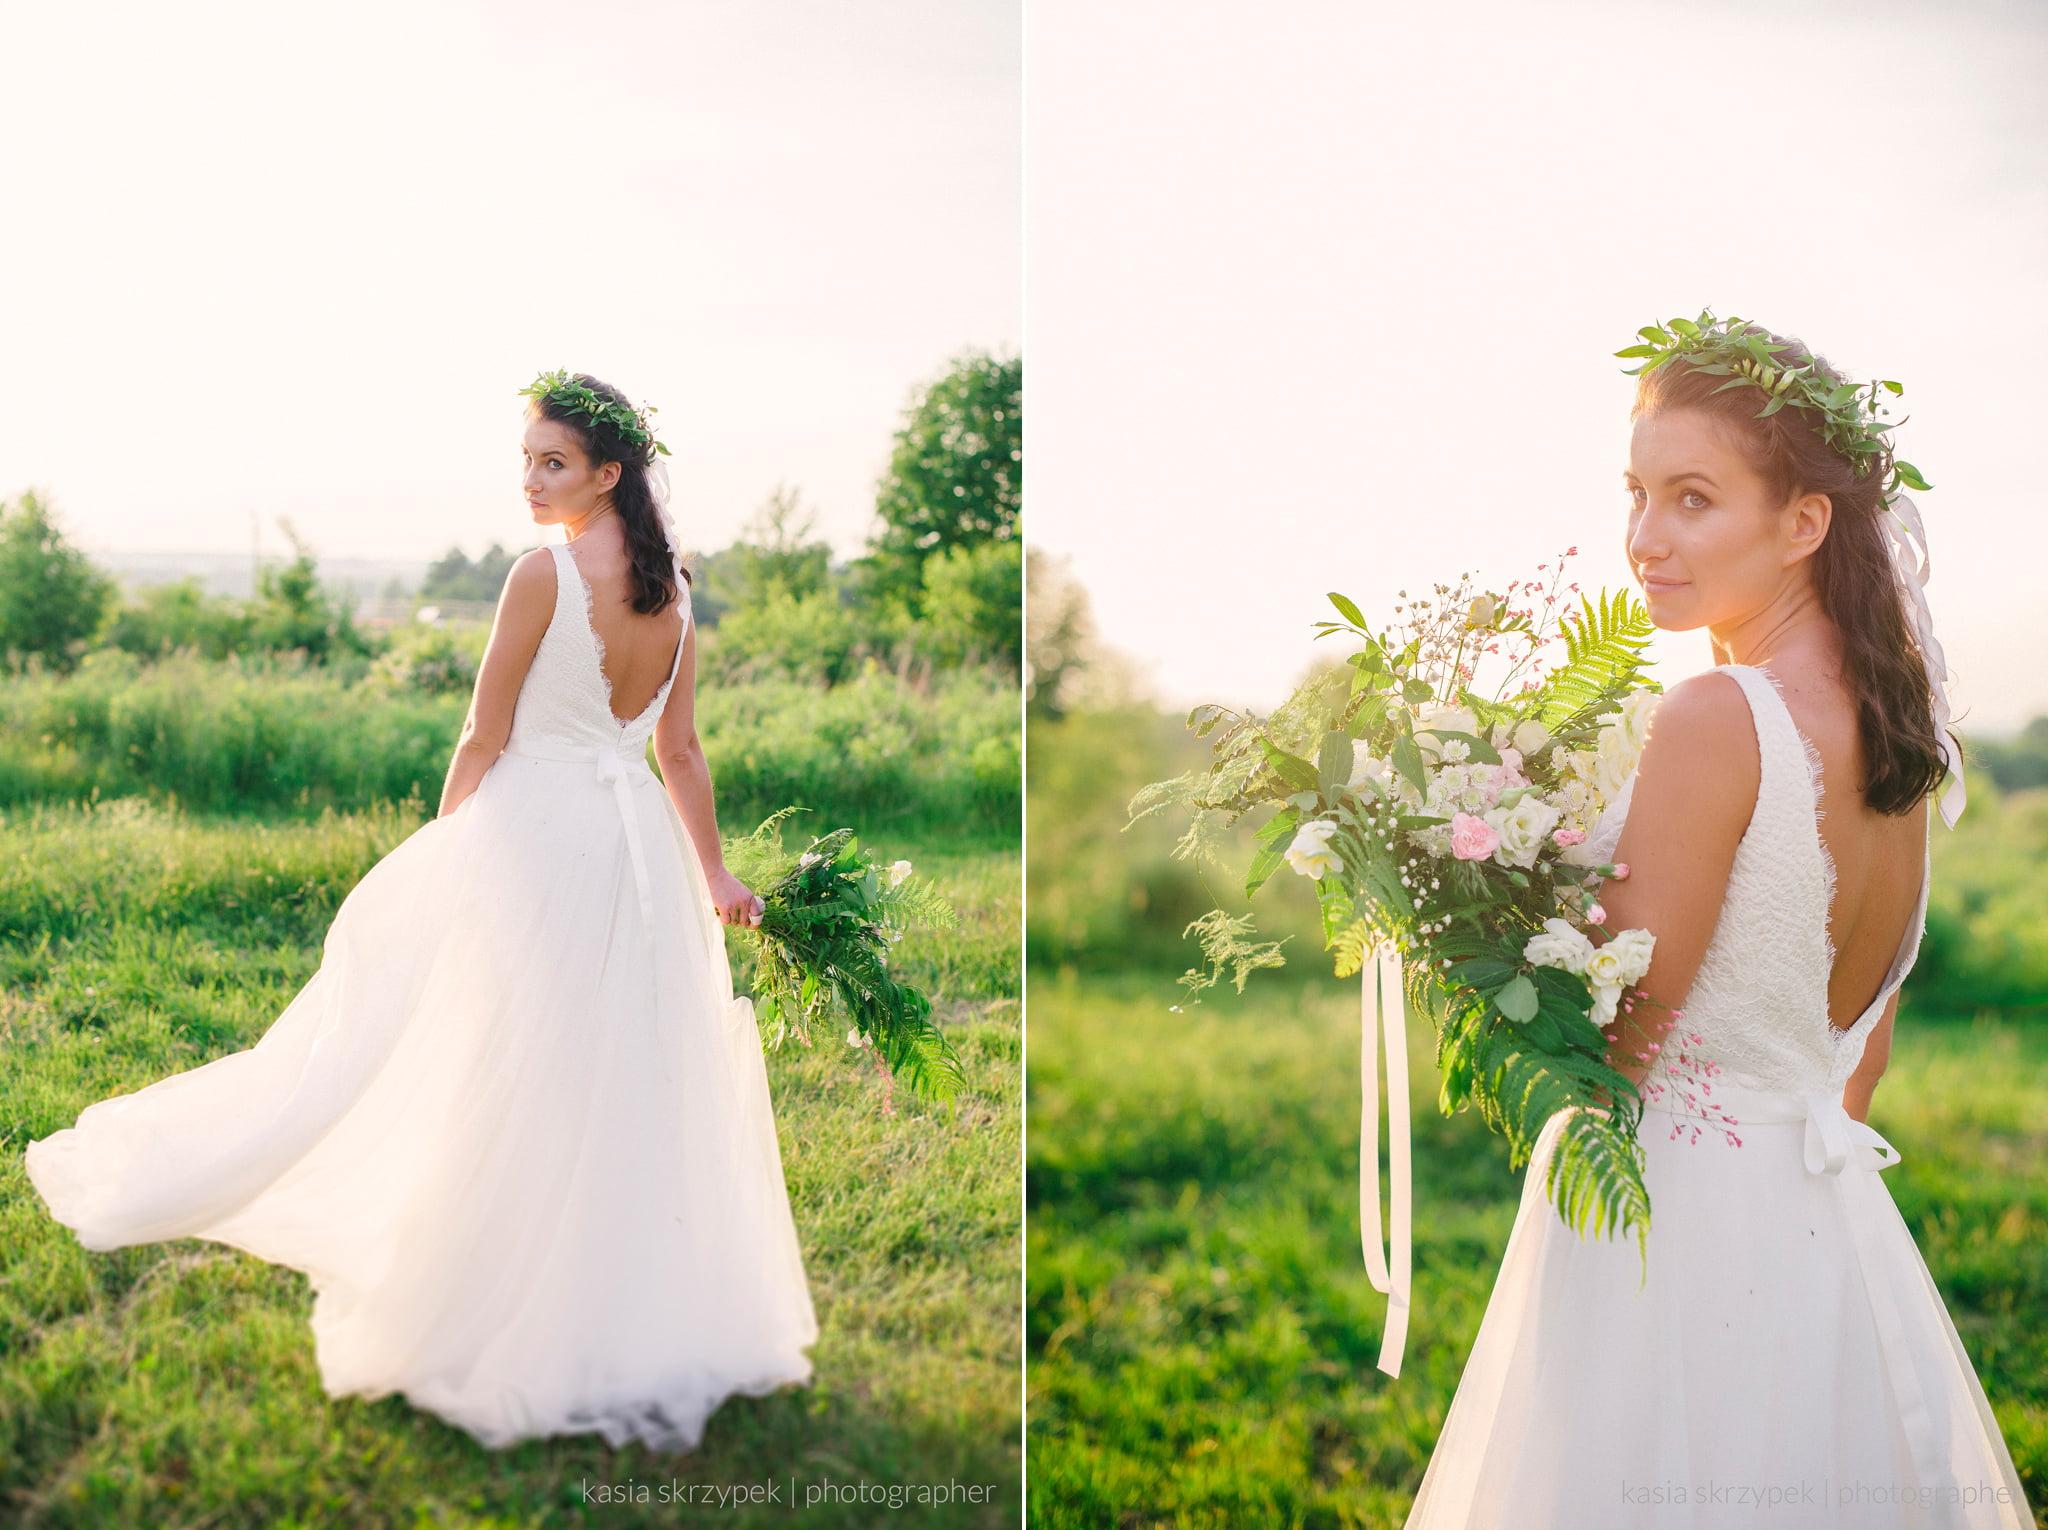 Blog-Botanical-Wedding-Styled-Shoot-36